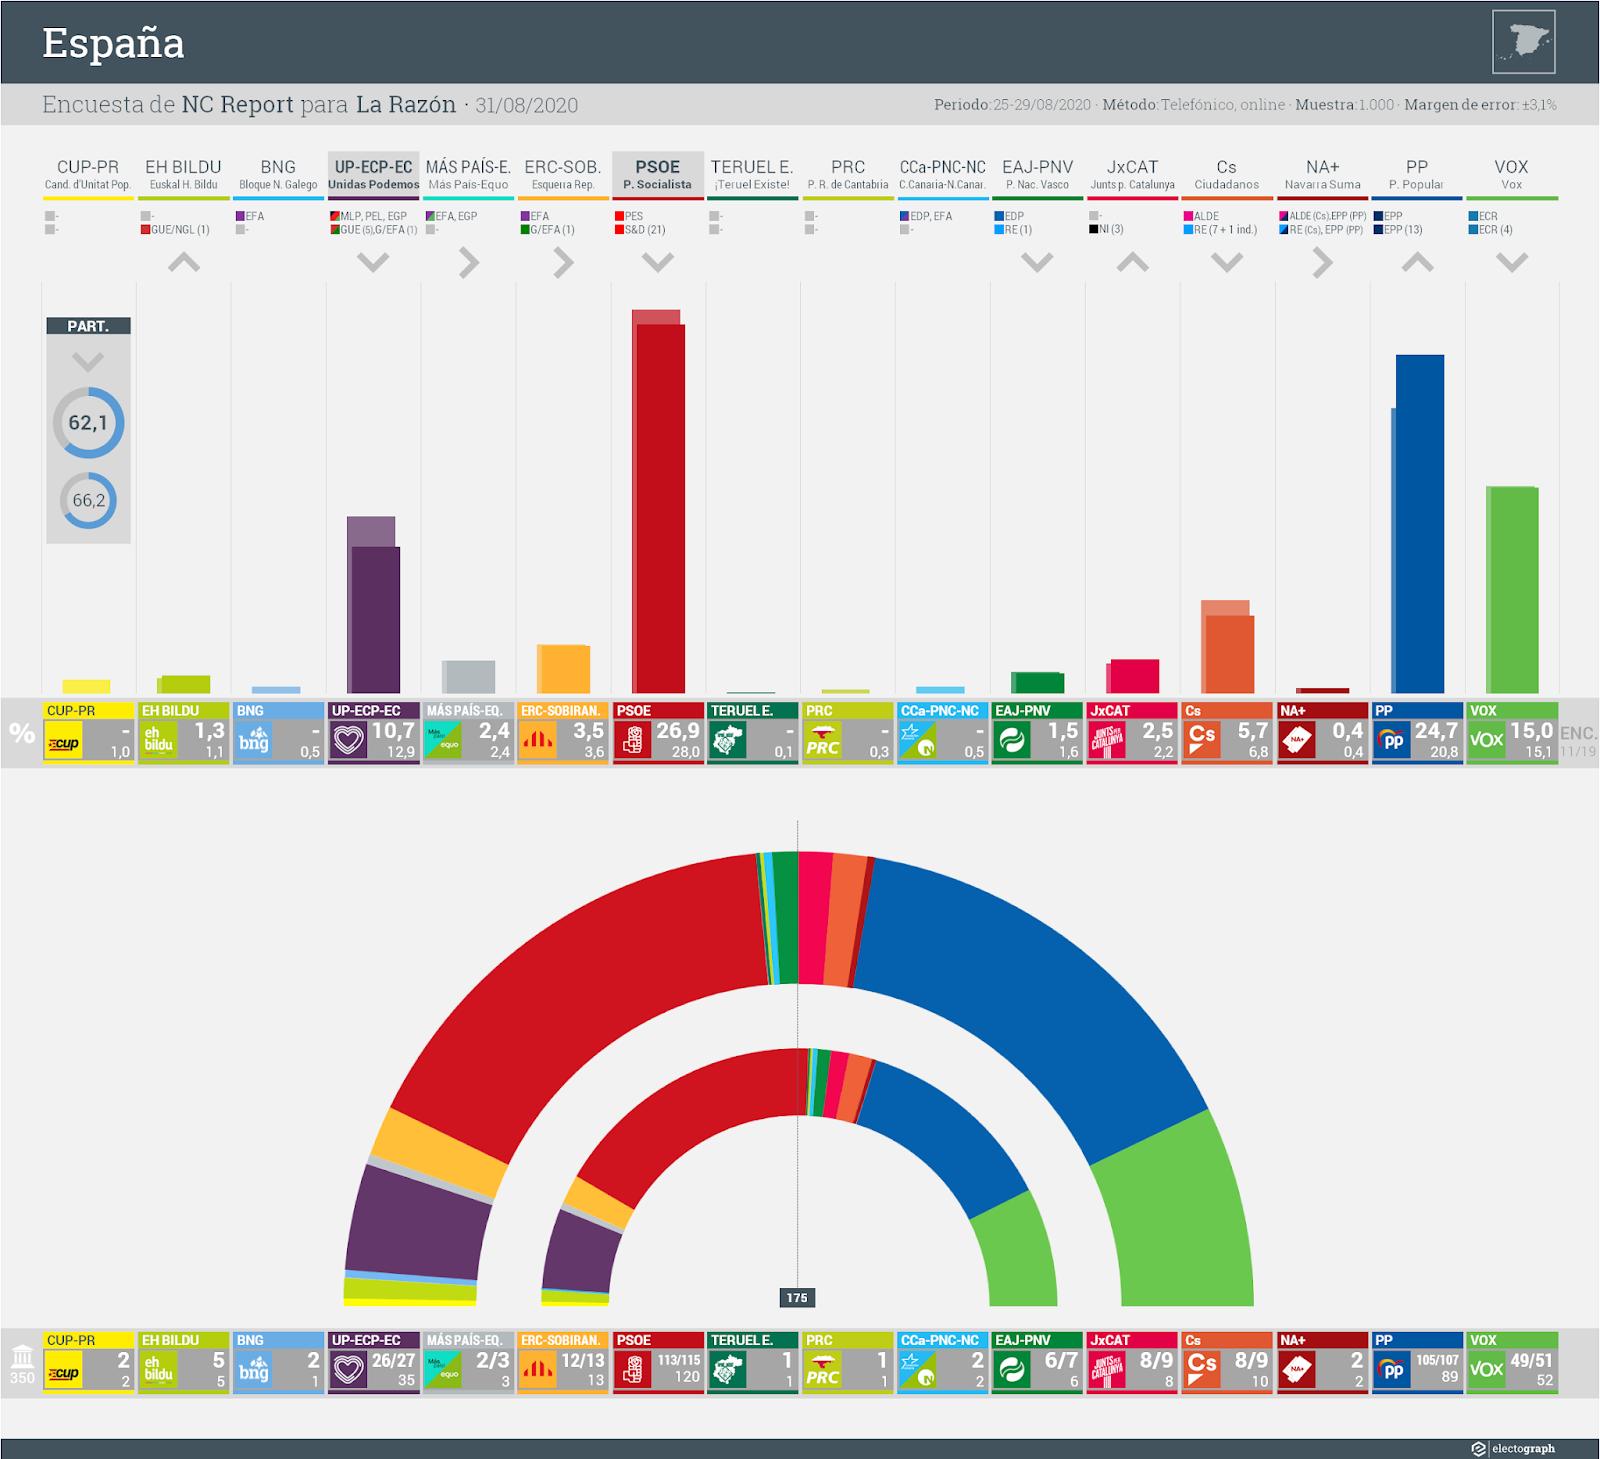 Gráfico de la encuesta para elecciones generales en España realizada por NC Report para La Razón, 31 de agosto de 2020